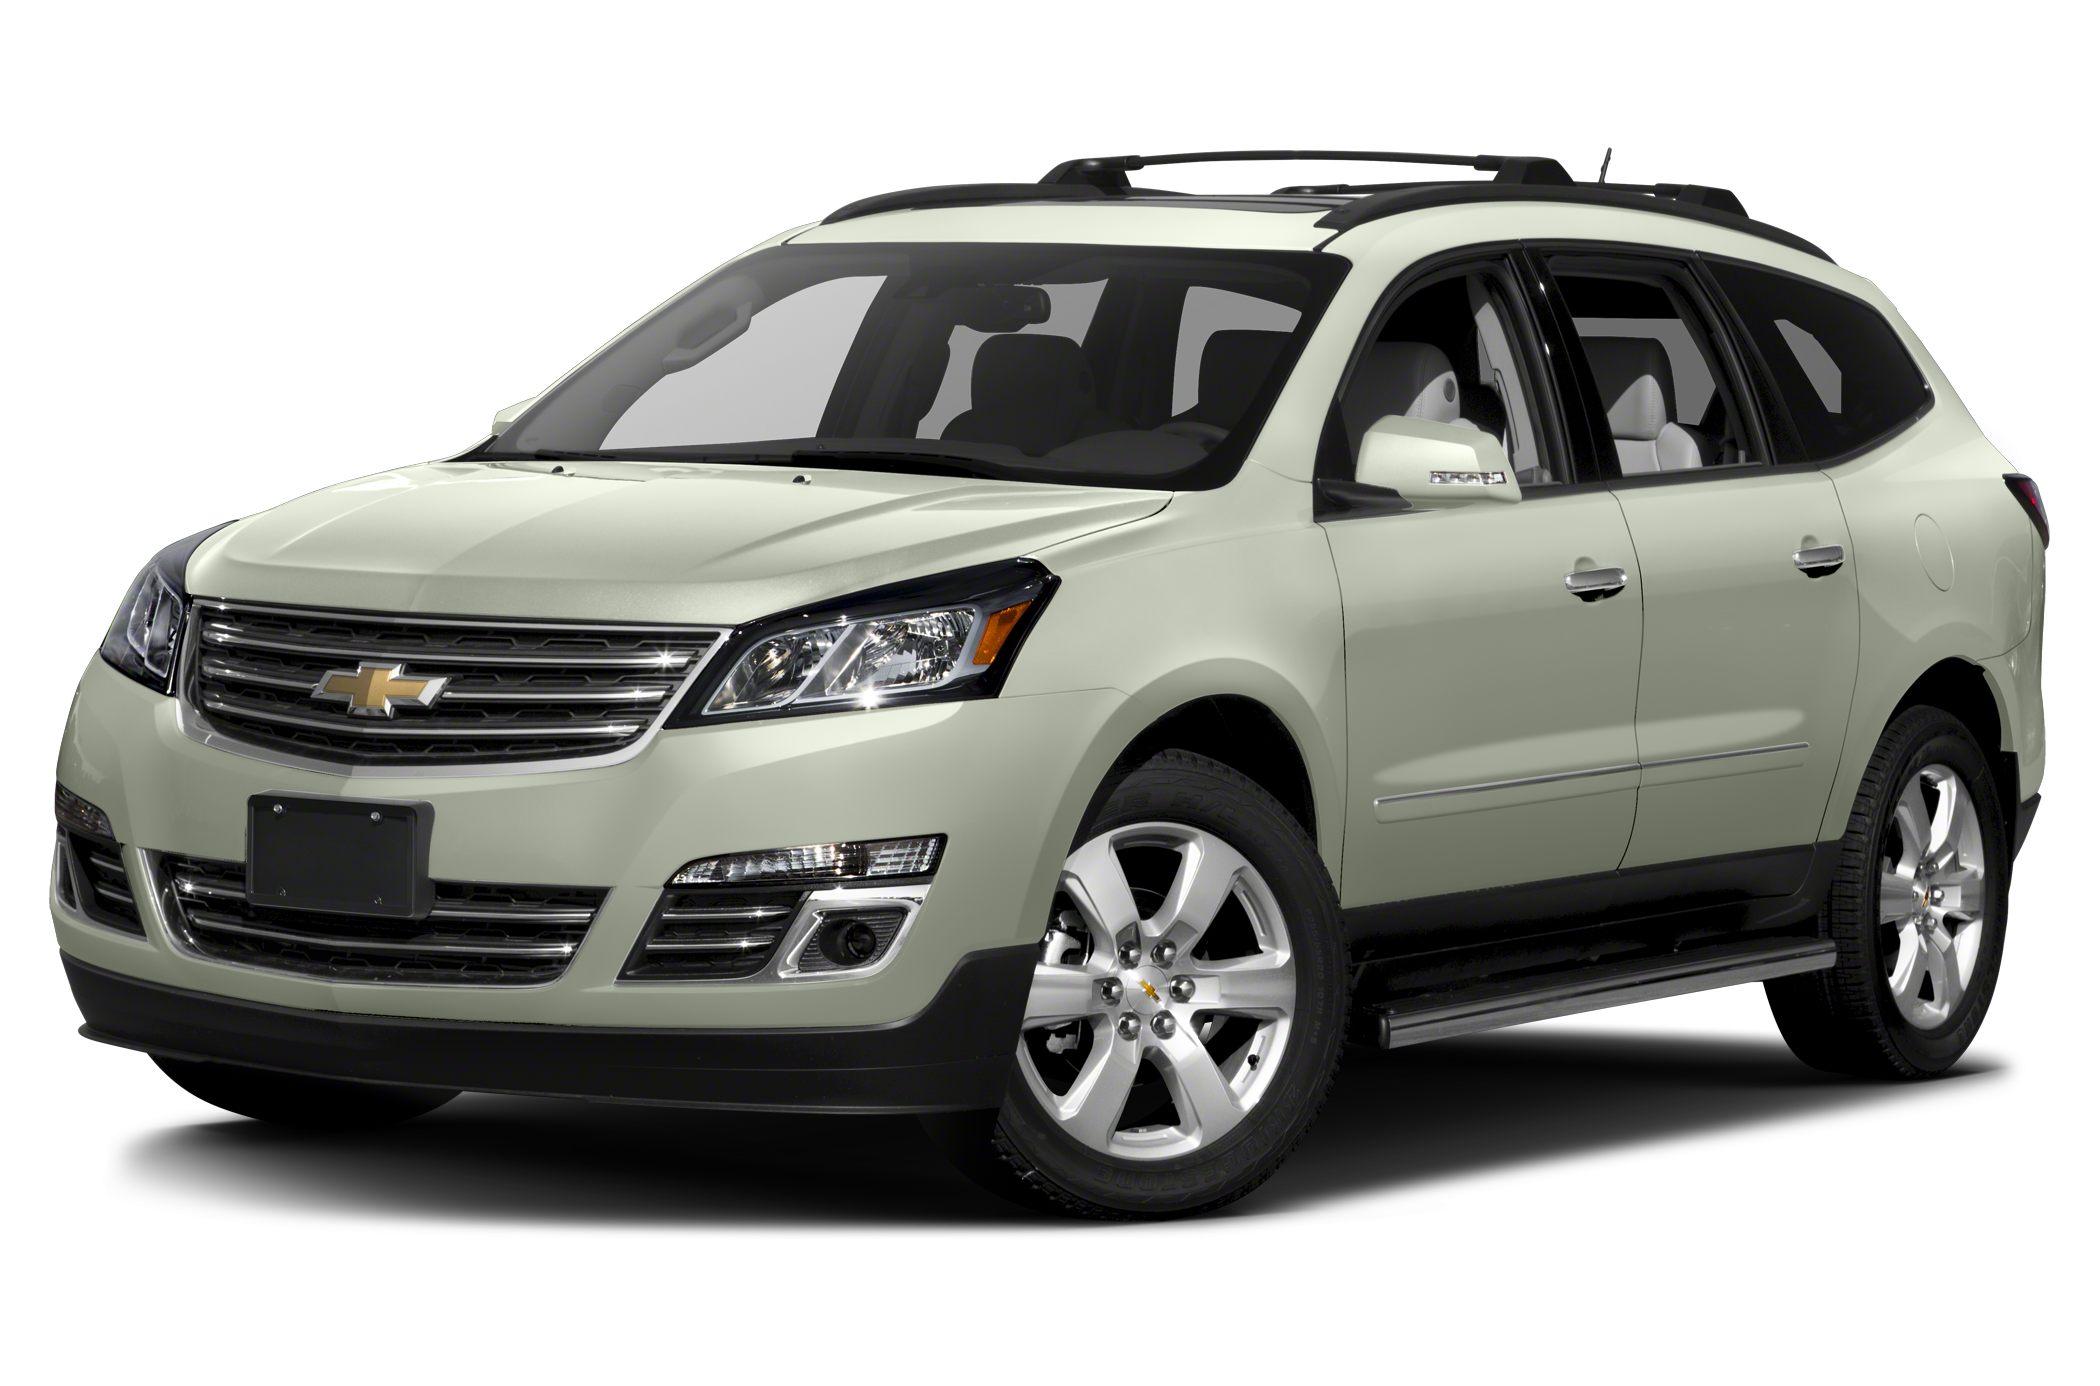 2016 Chevrolet Traverse Photos